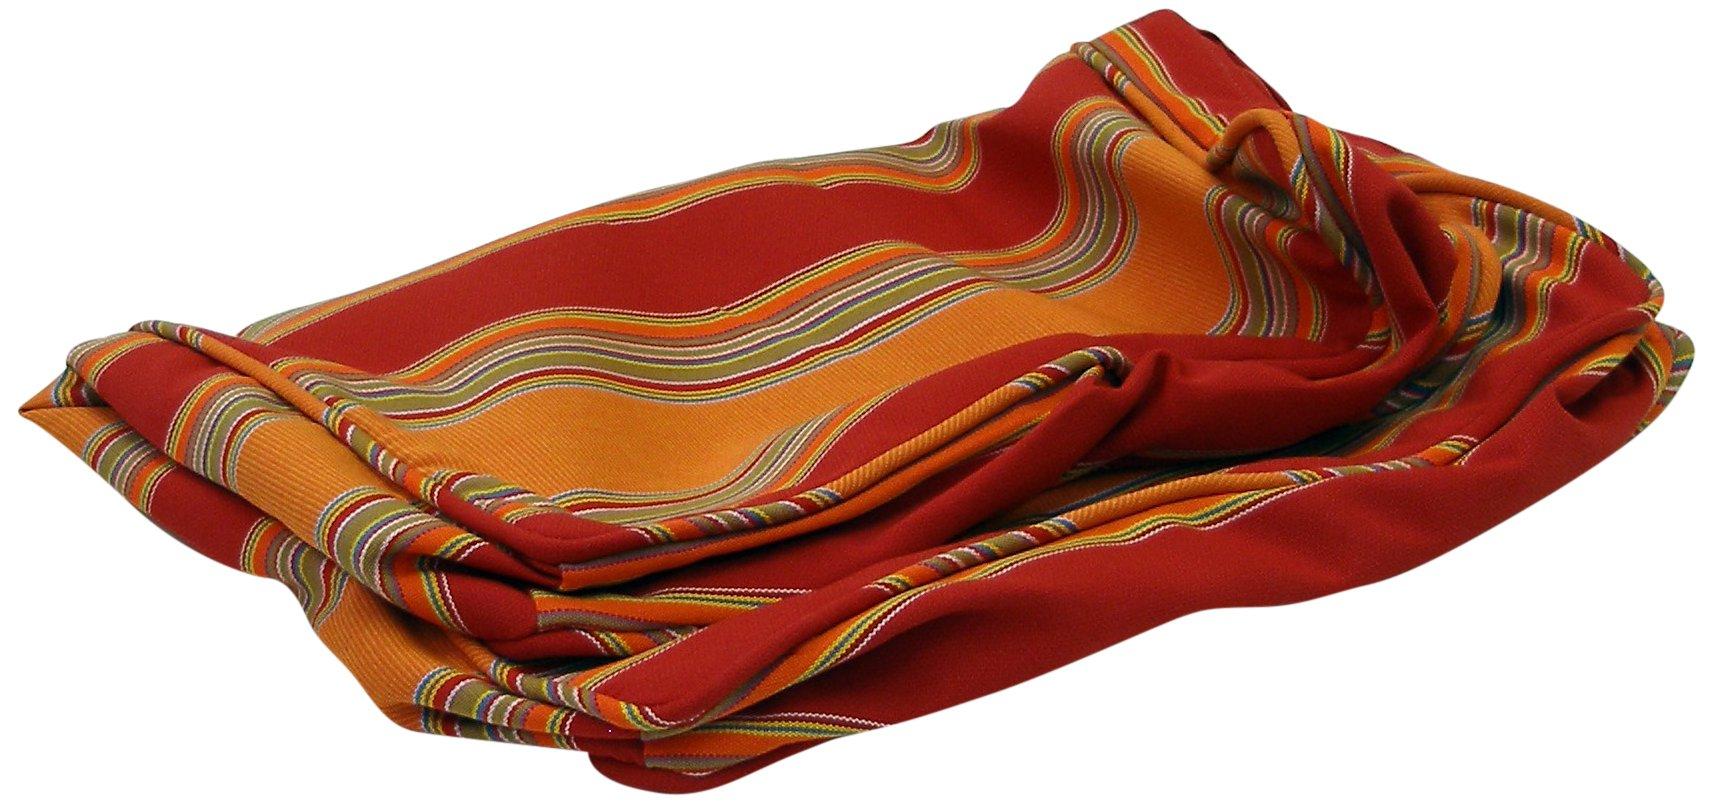 ATC Sunbrella Fabric Cushion Cover for Tatta Ottoman, Bravada Salsa